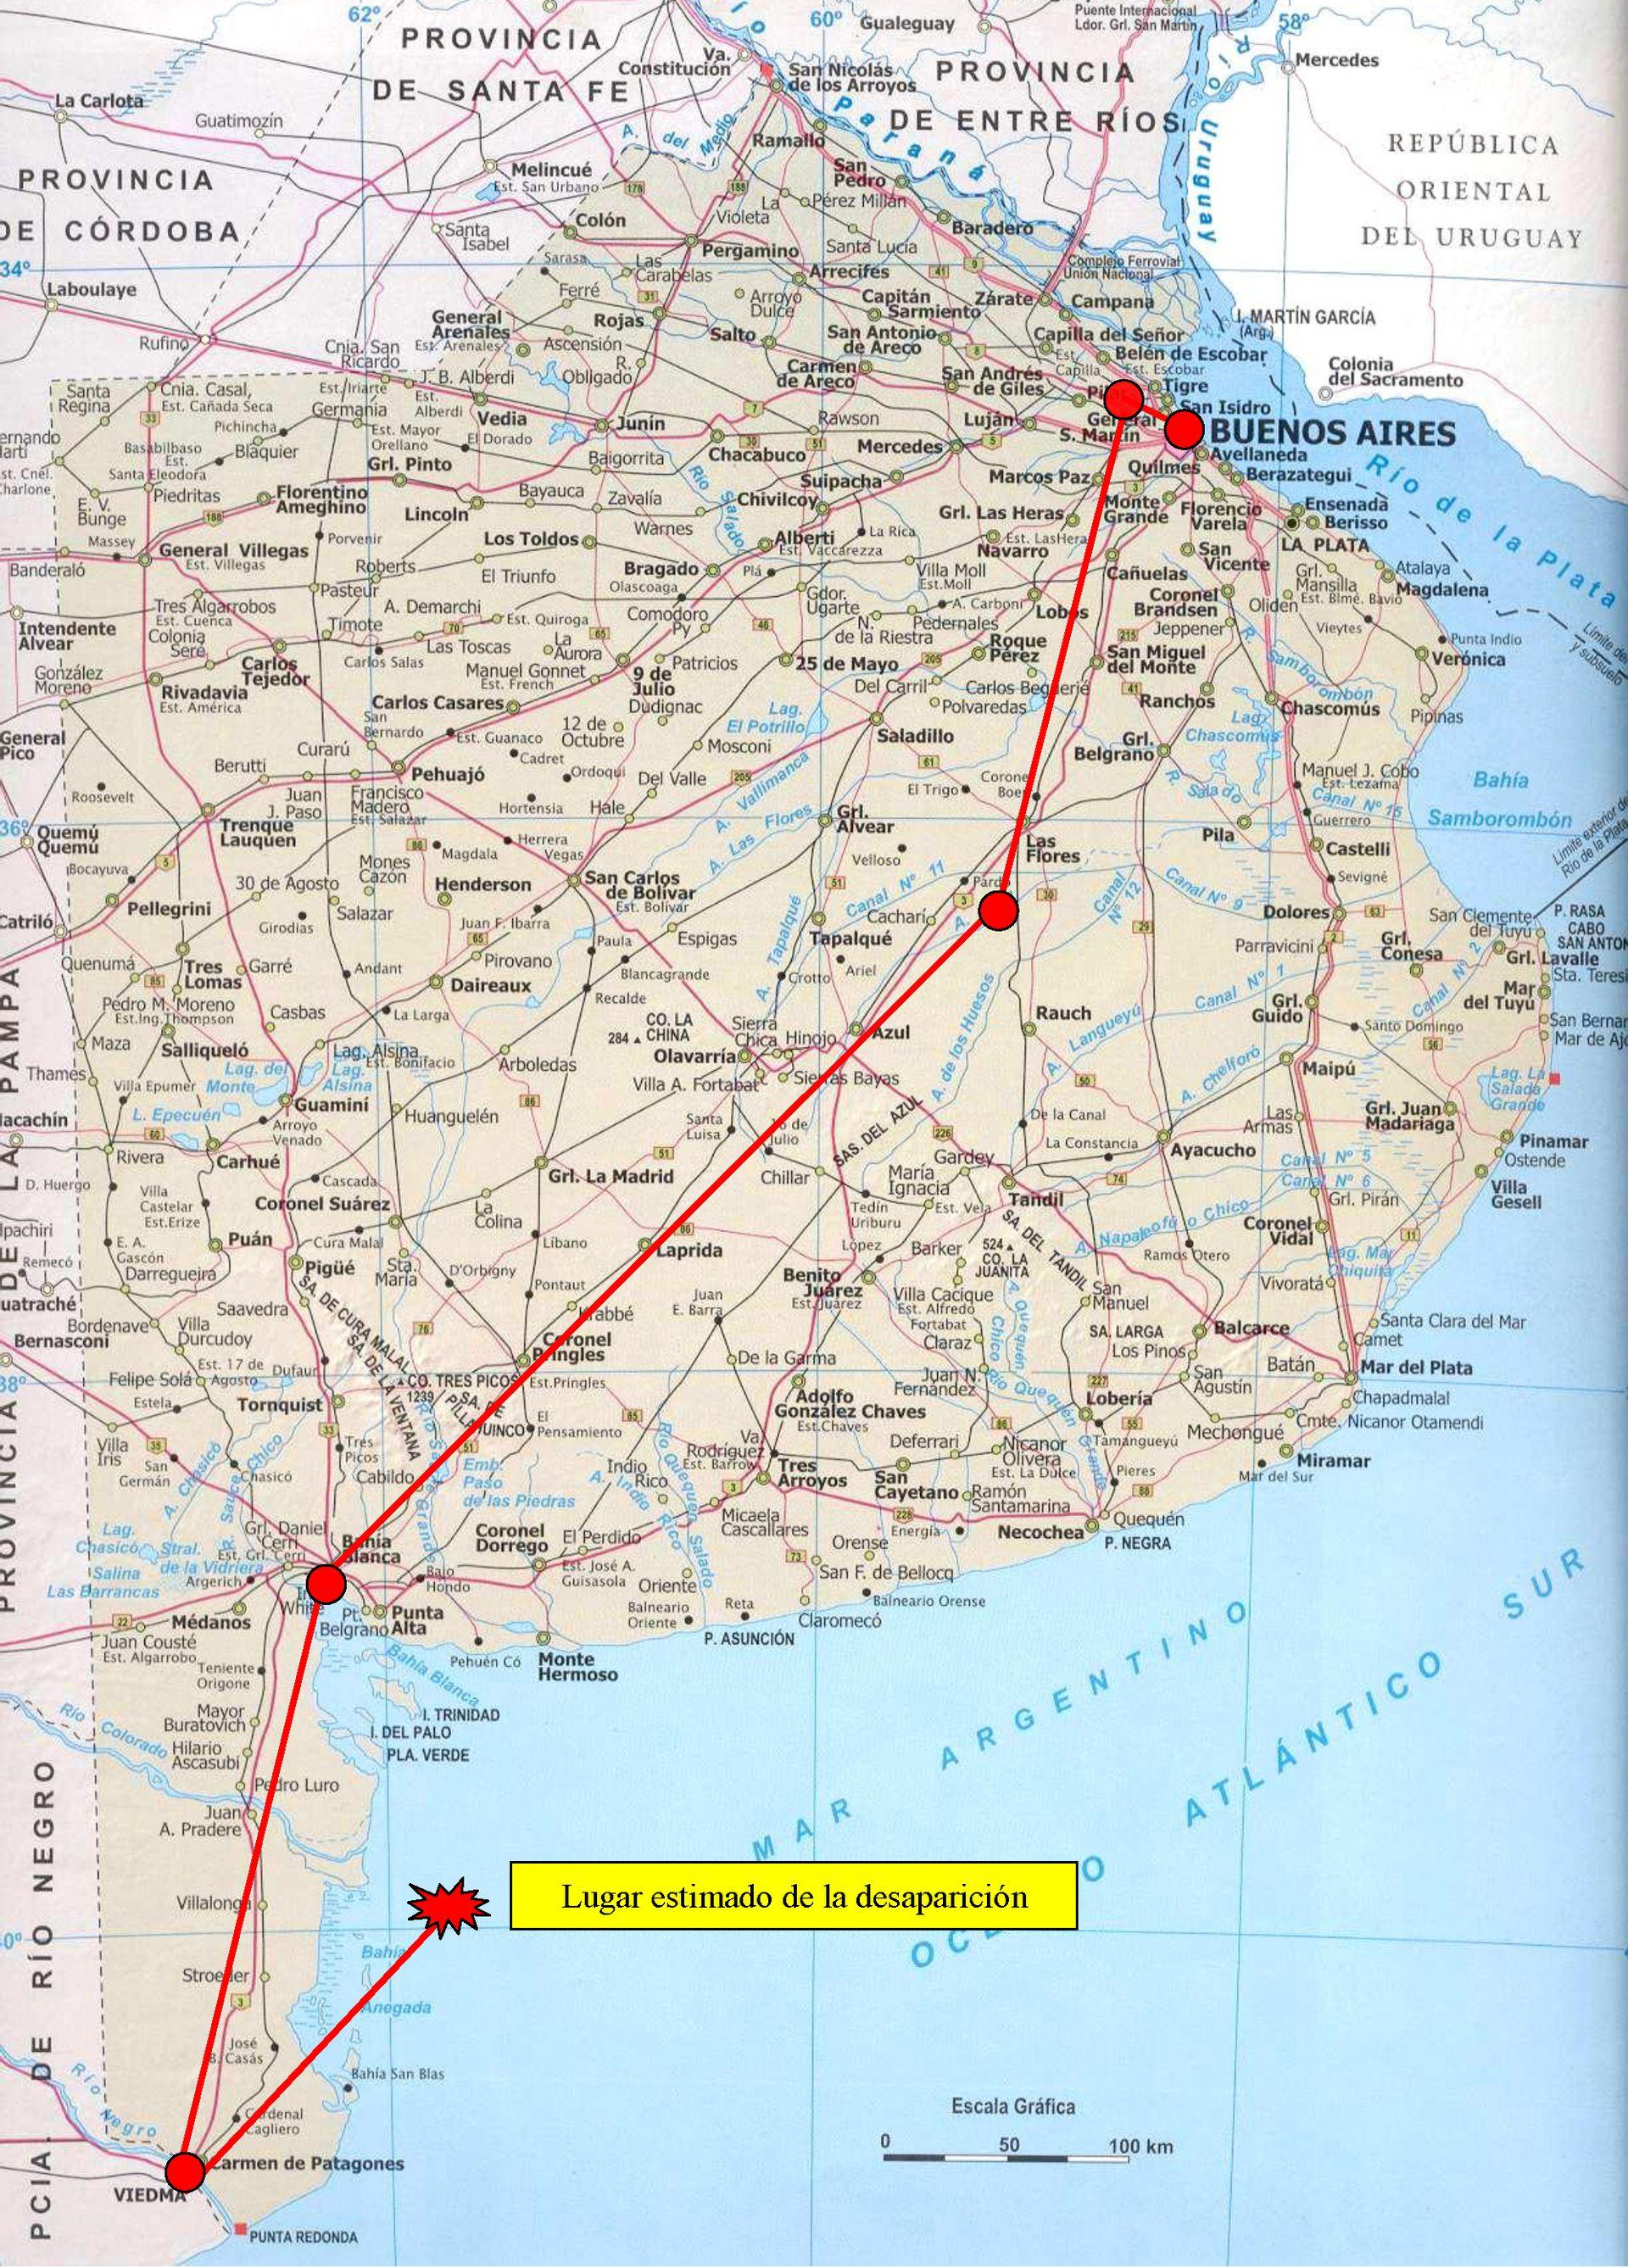 Mapa de la ruta del último viaje del Pampero, y el lugar donde presumiblemente cayó.